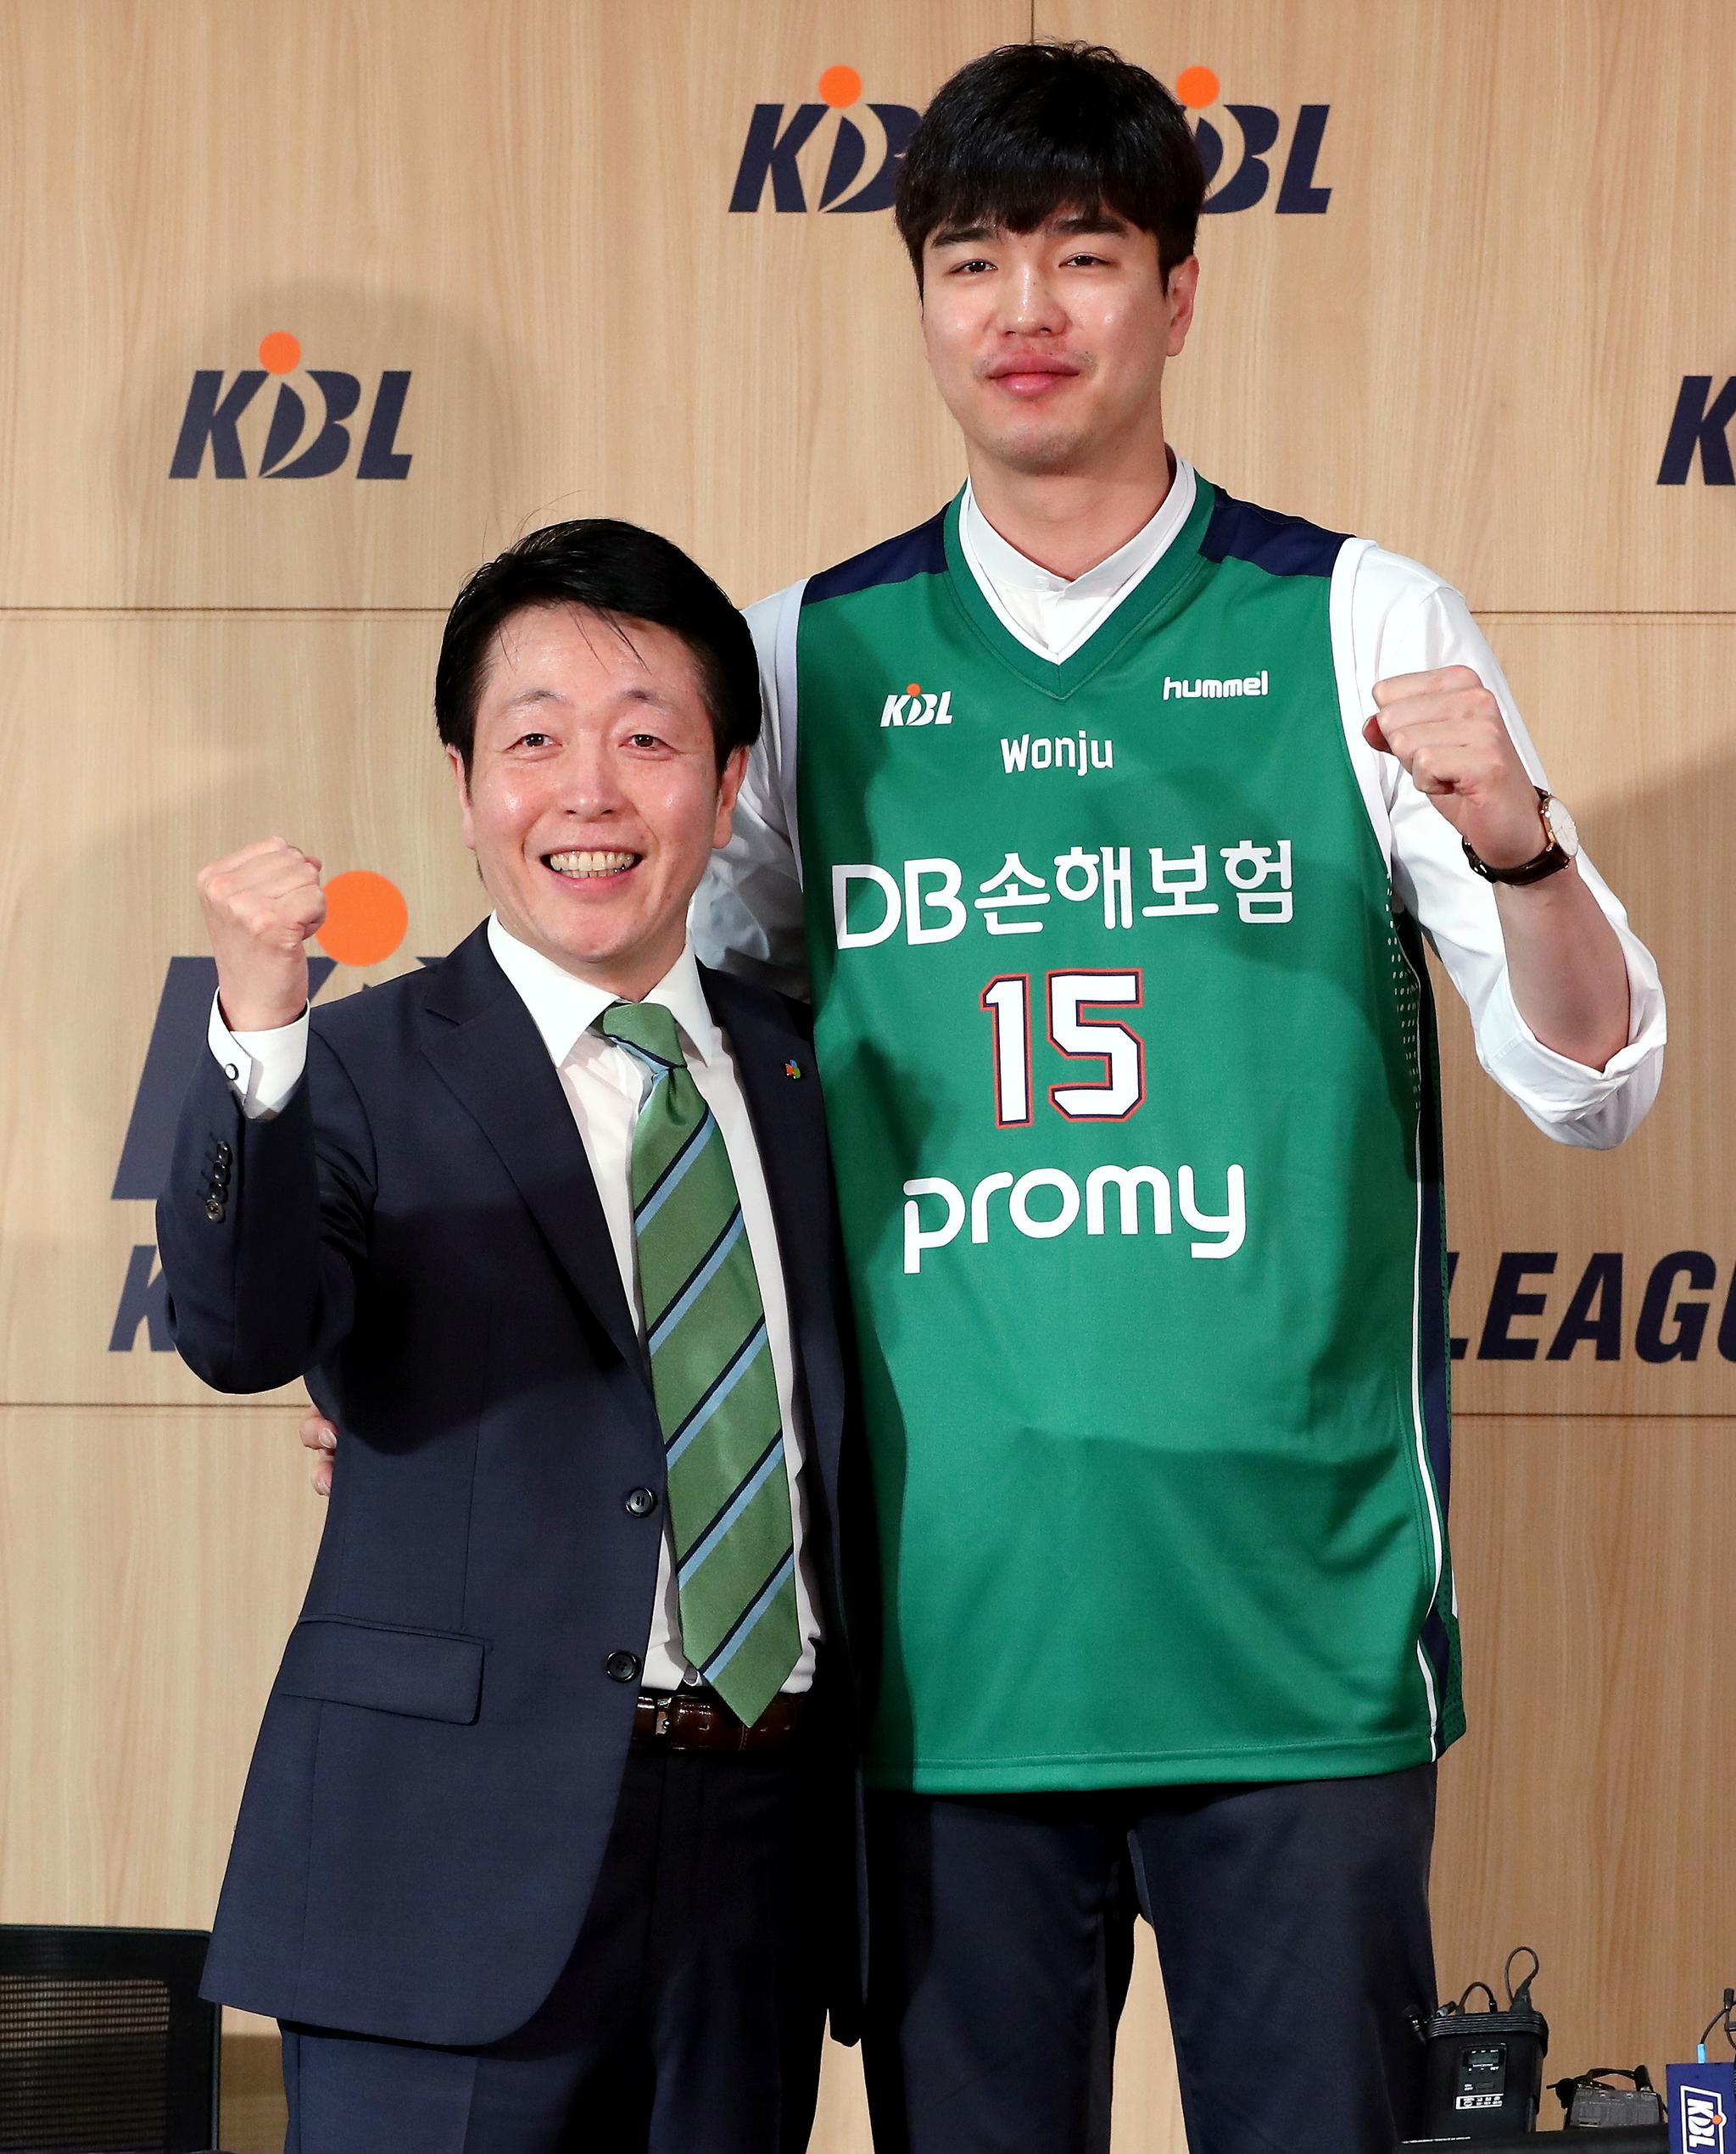 프로농구 원주 DB에 입단한 김종규(왼쪽). 김종규는 2019-20시즌 연봉킹에 등극했다. [뉴스1]